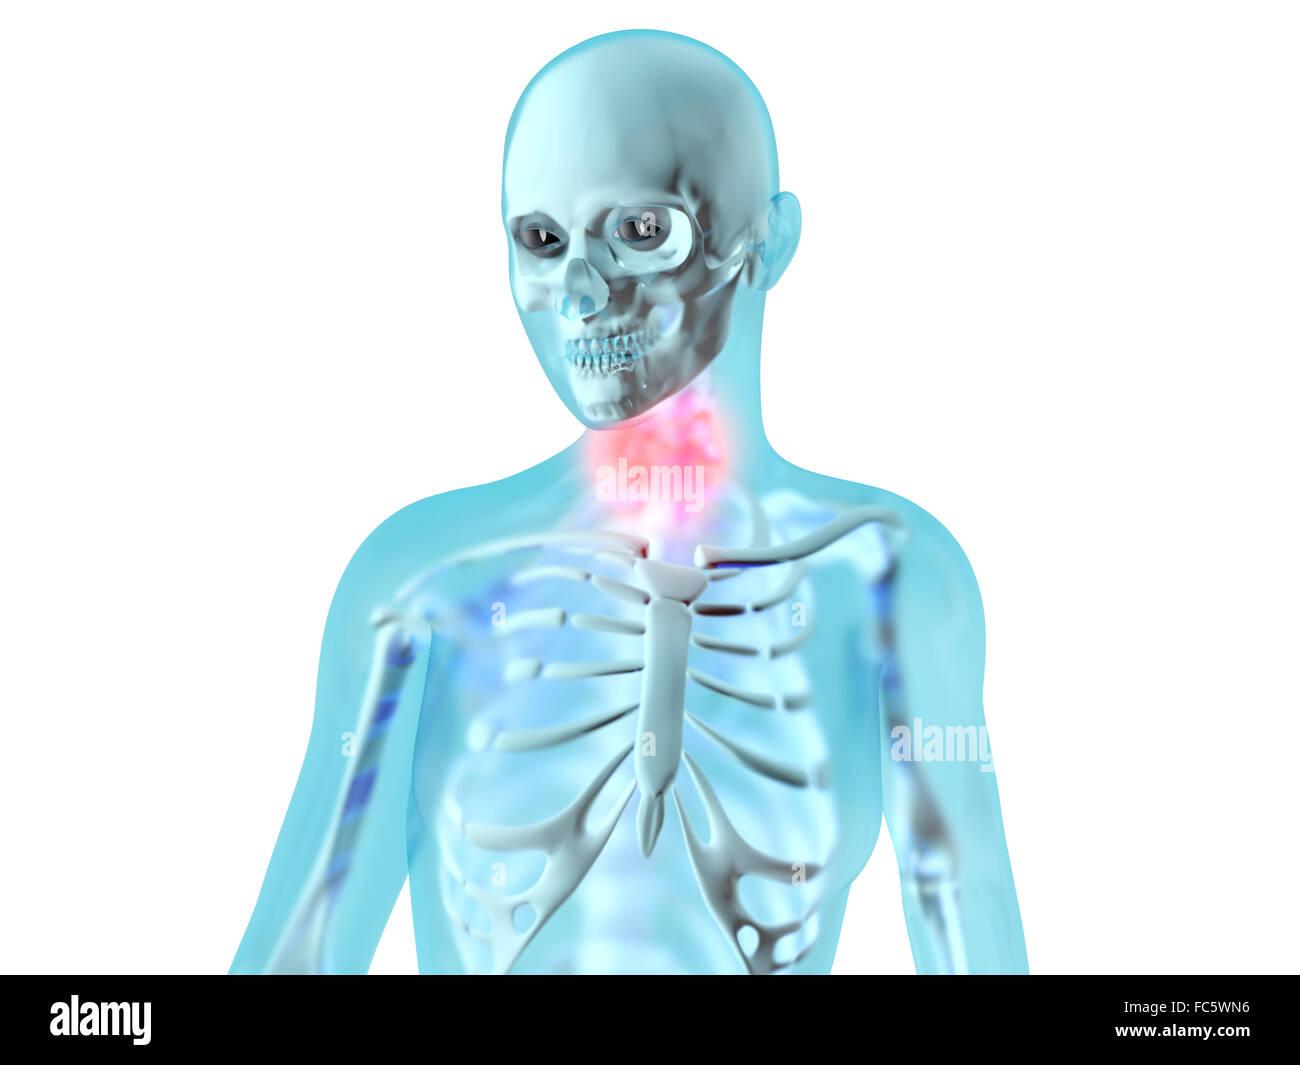 Weibliche Anatomie - Hals Schmerzen Stockfoto, Bild: 93557666 - Alamy